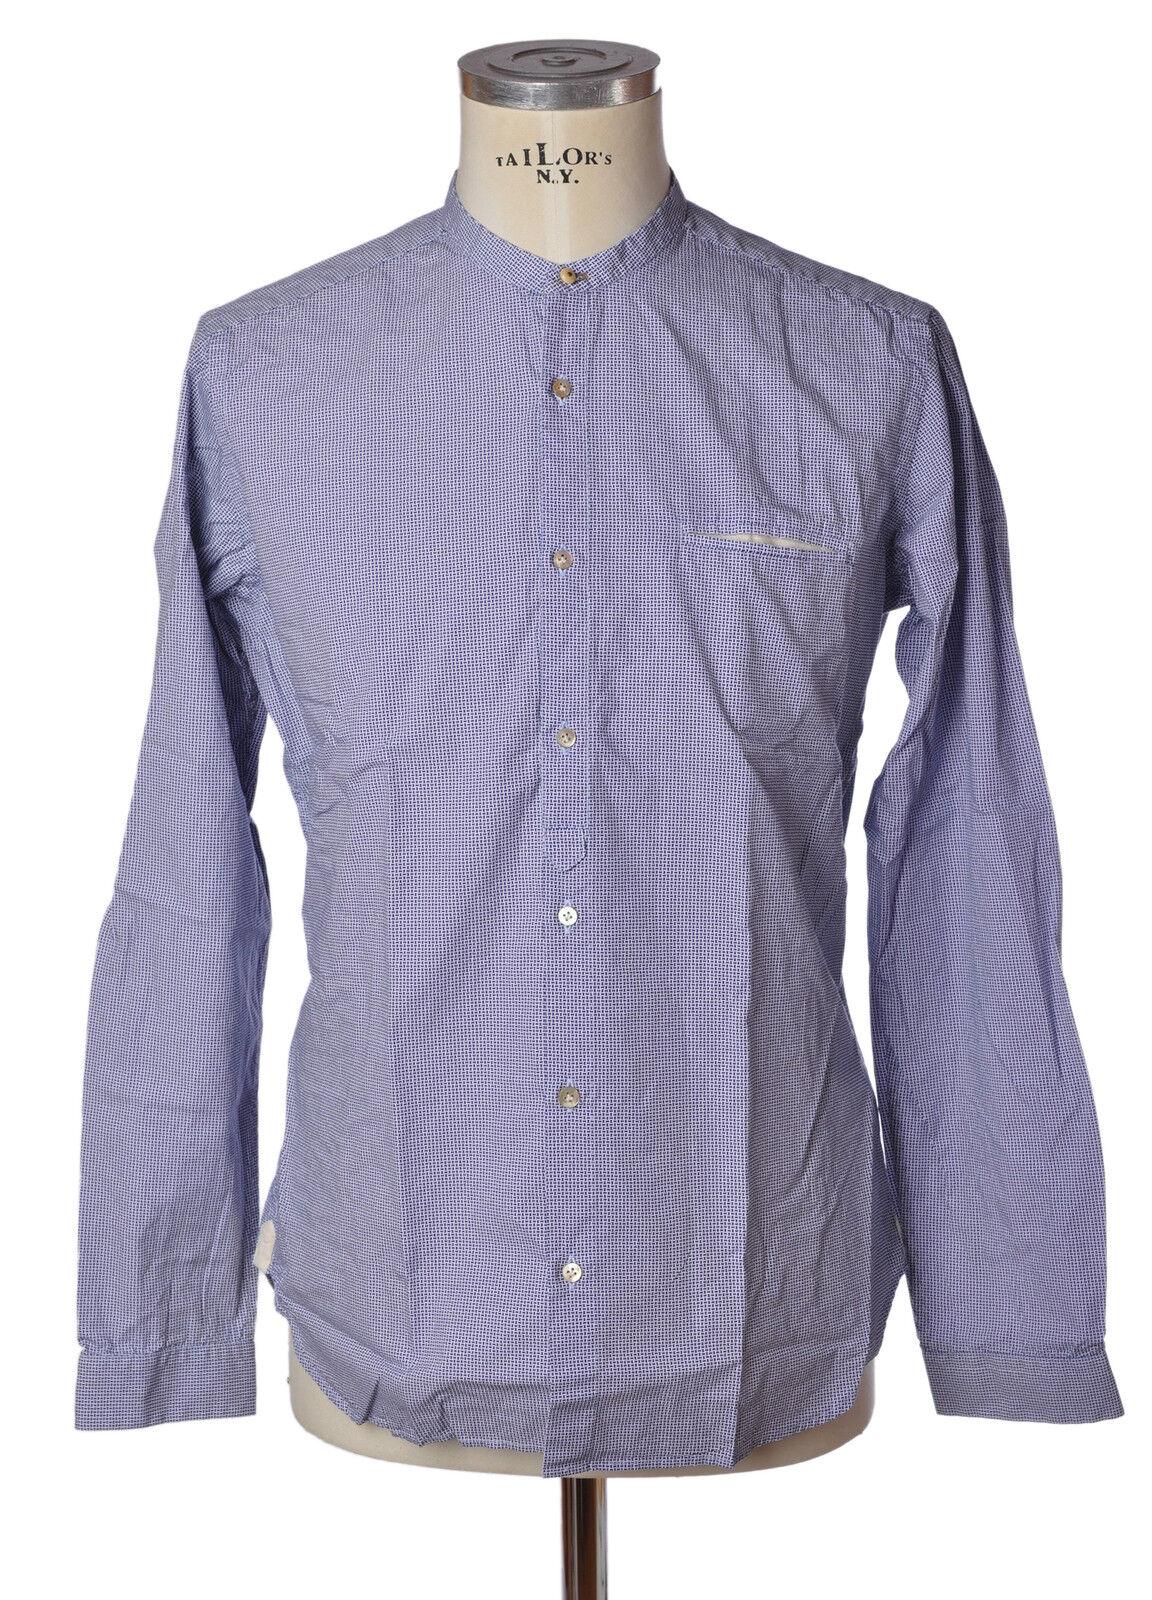 Dnl  -  Shirts - male - Blau - 245326A183741